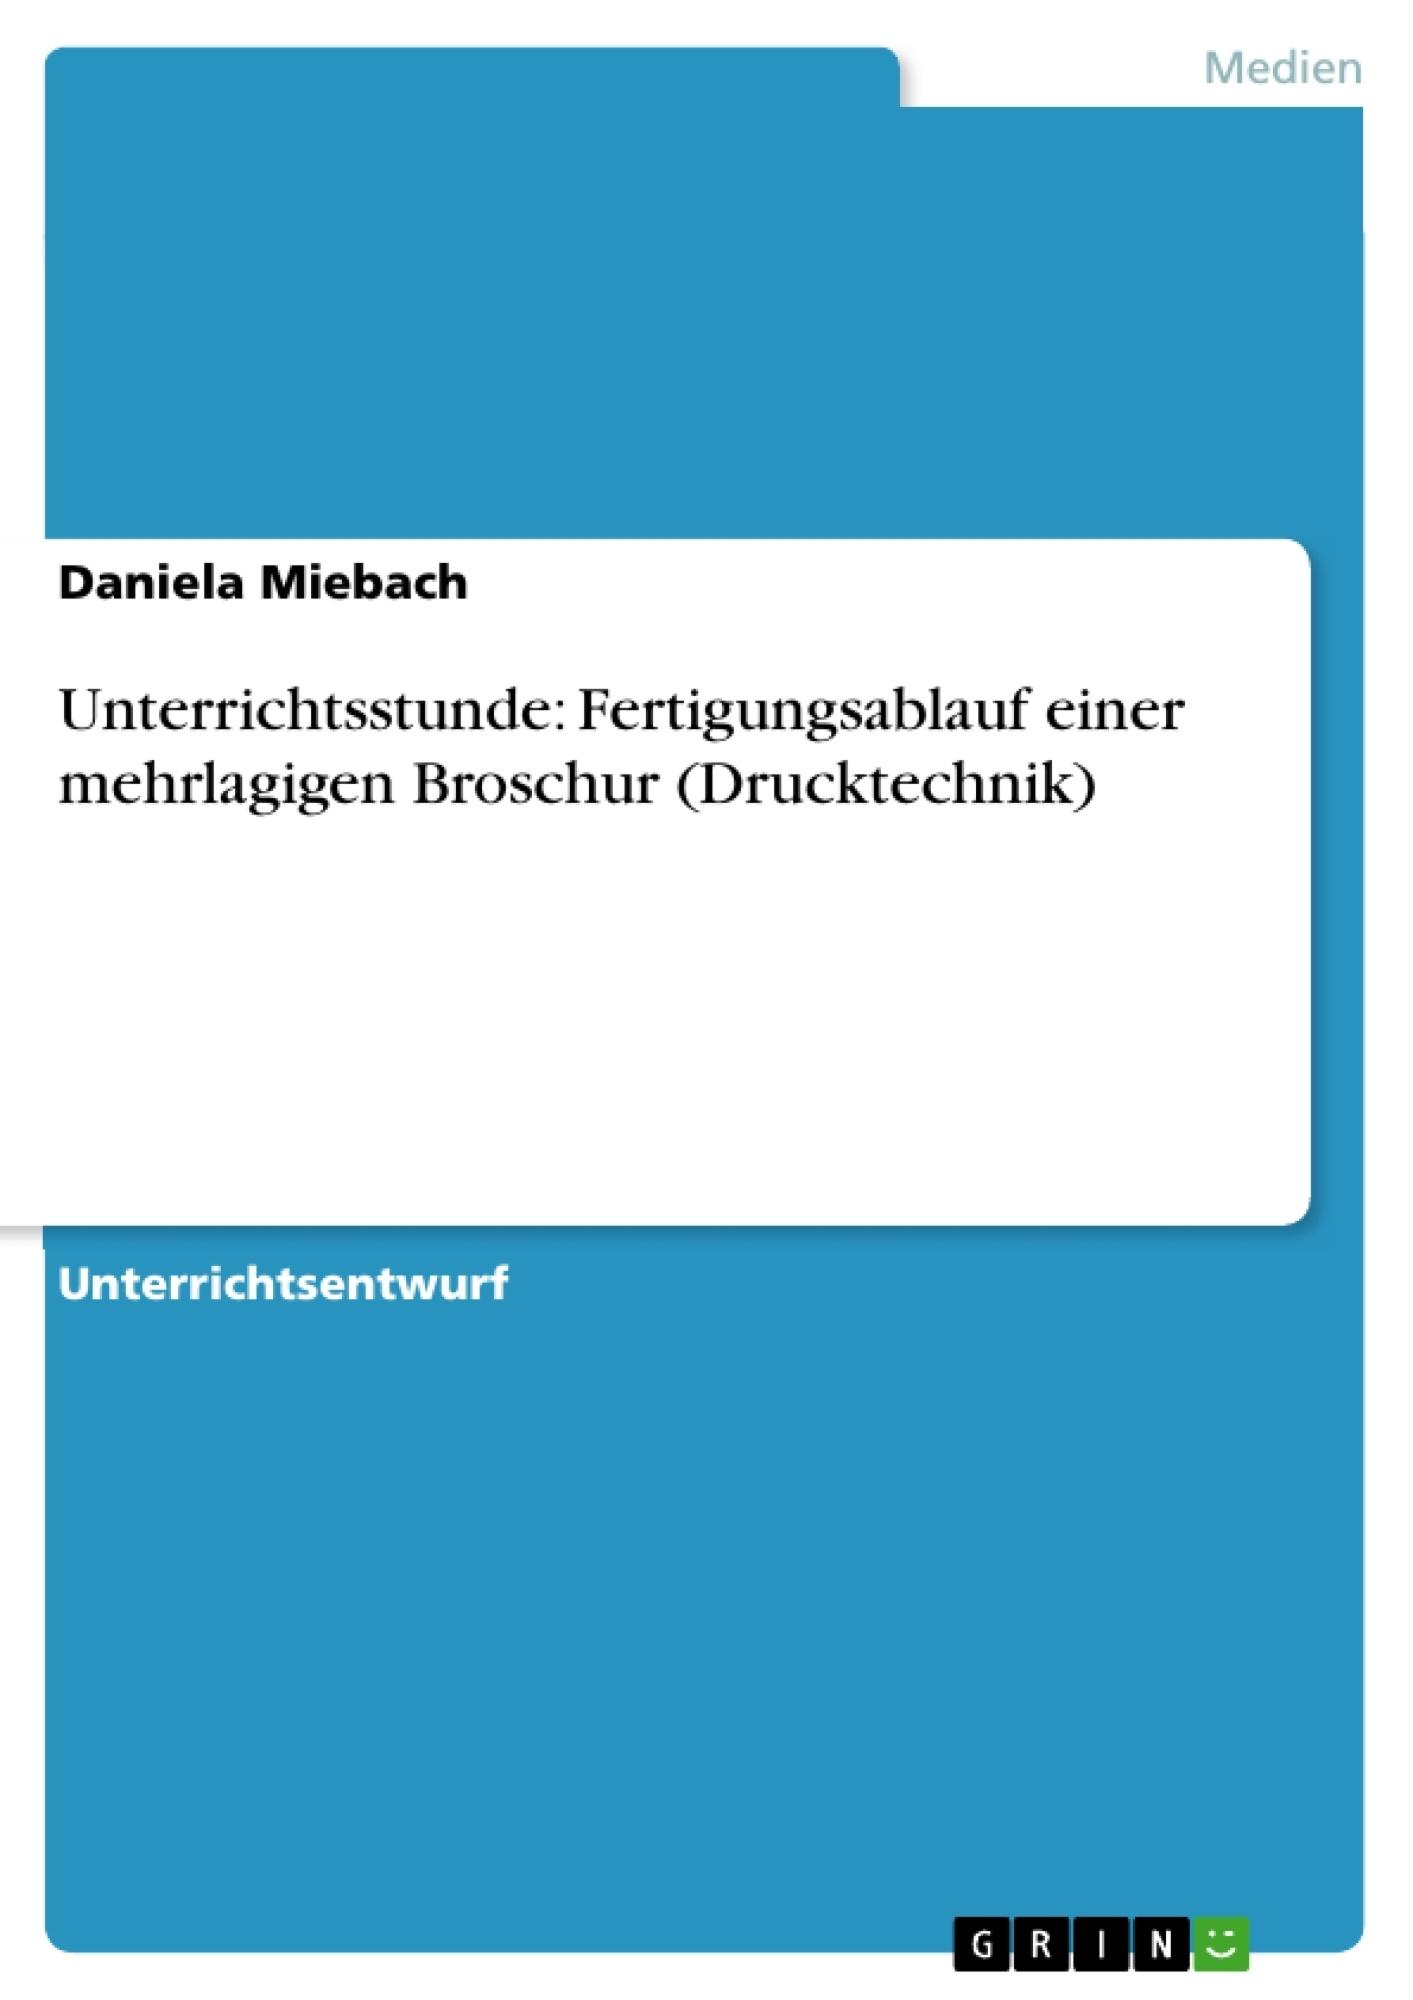 Titel: Unterrichtsstunde: Fertigungsablauf einer mehrlagigen Broschur (Drucktechnik)